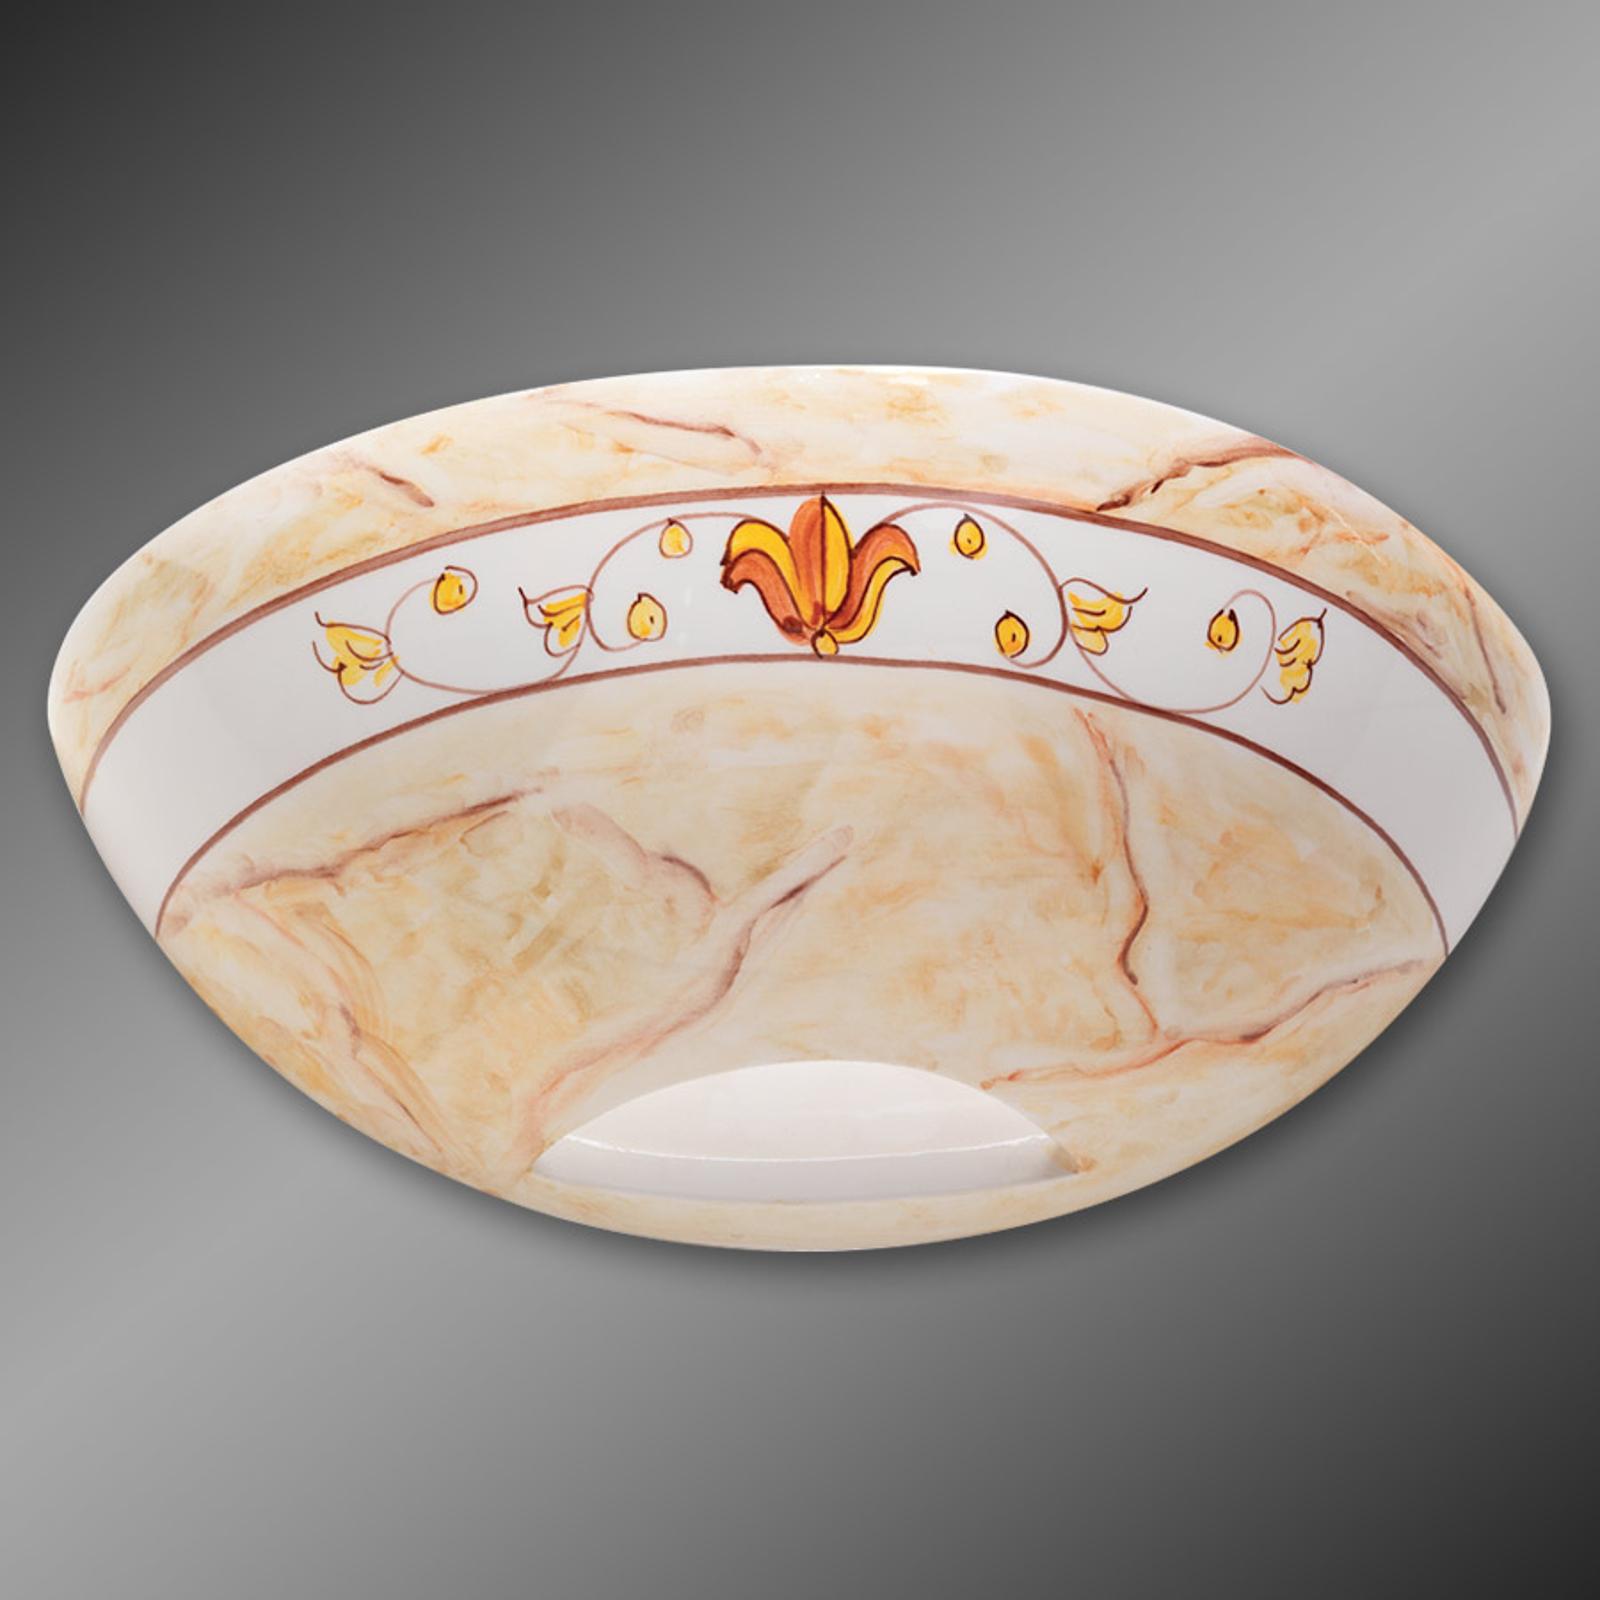 Keramikvägglampa Marmorino ockra